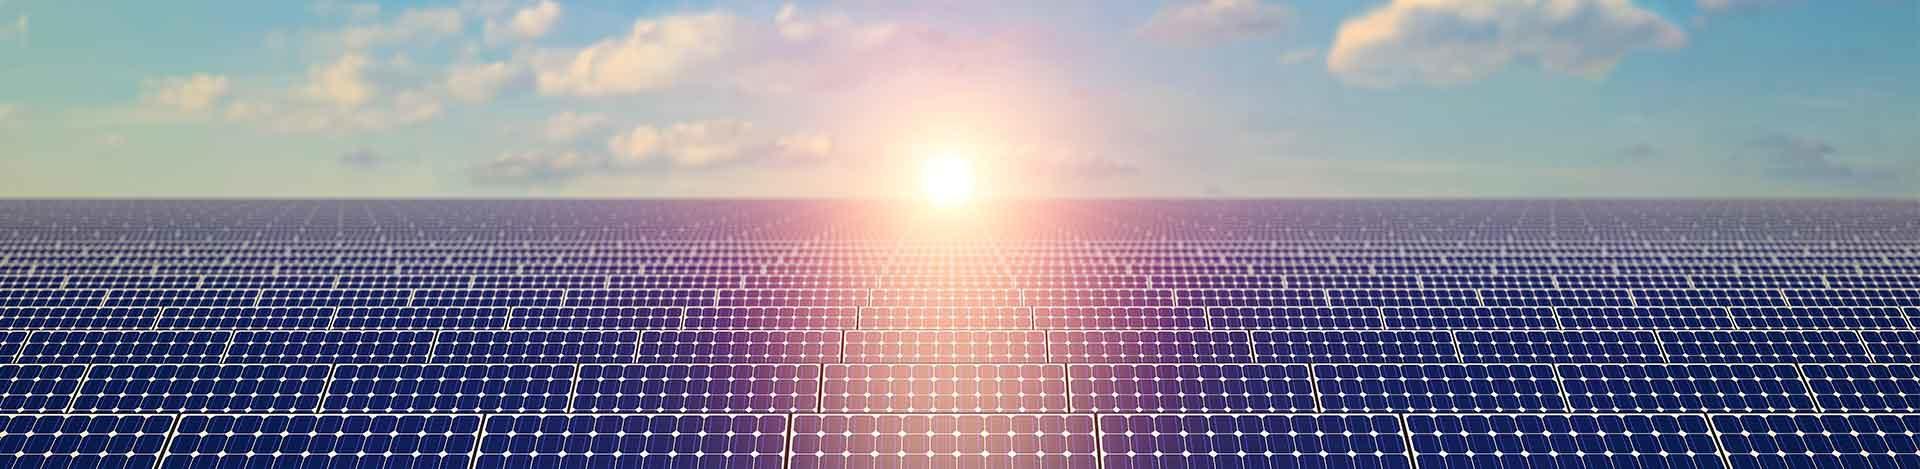 Réalisation d'une étude de faisabilité photovoltaïque